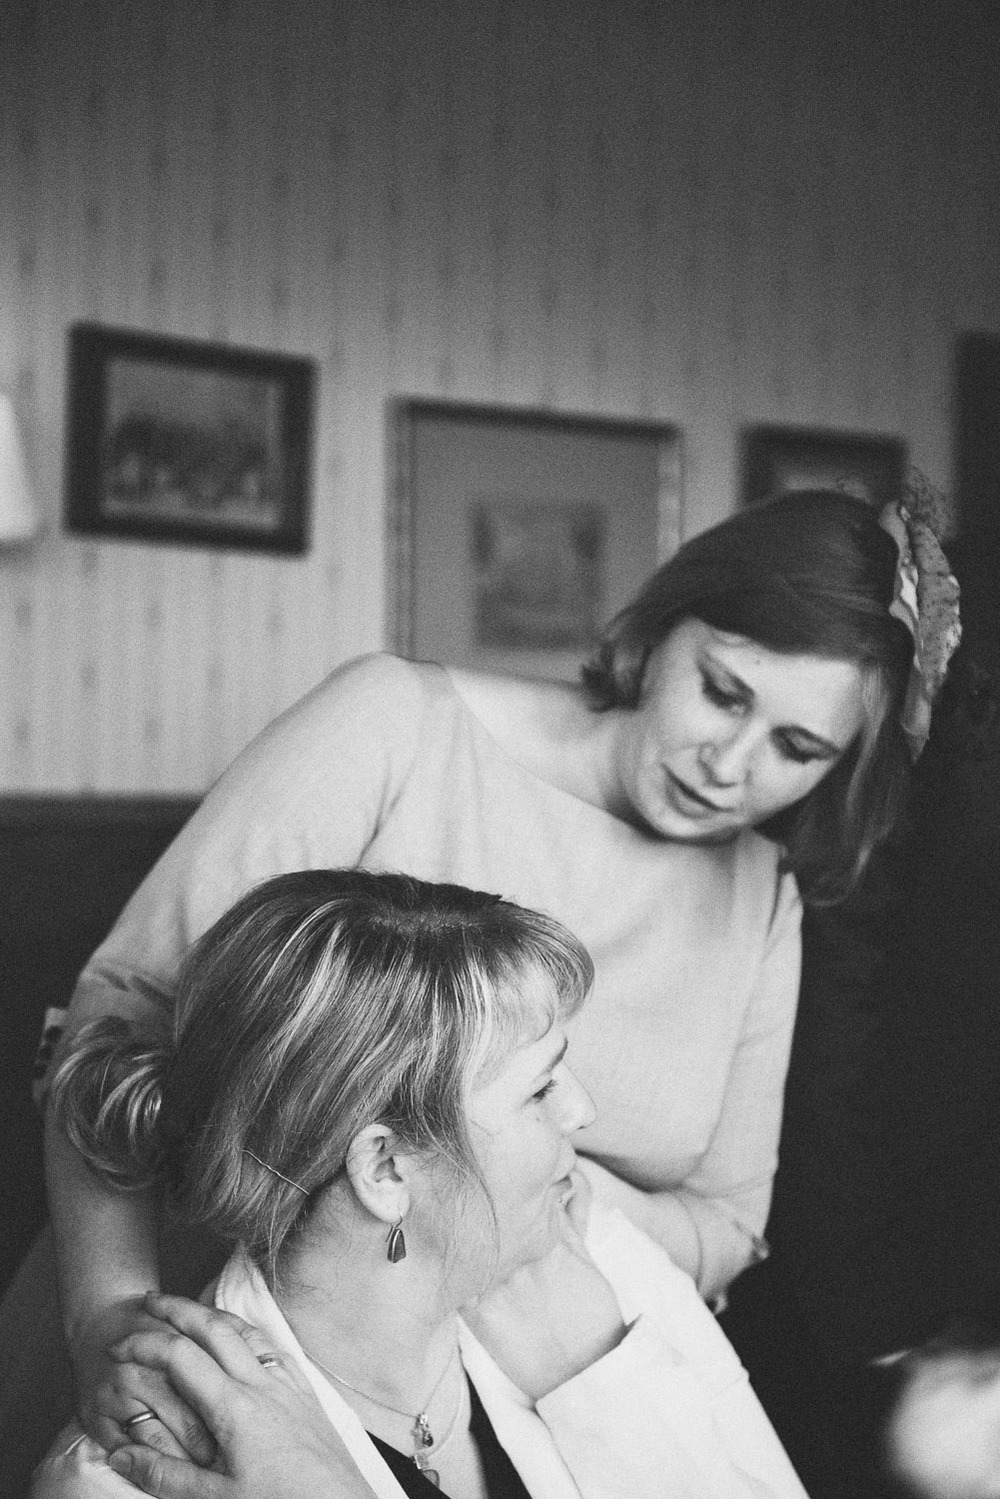 Hochzeitsfotografie-Rostock-Junge-trifft-Maedchen-0059.jpg